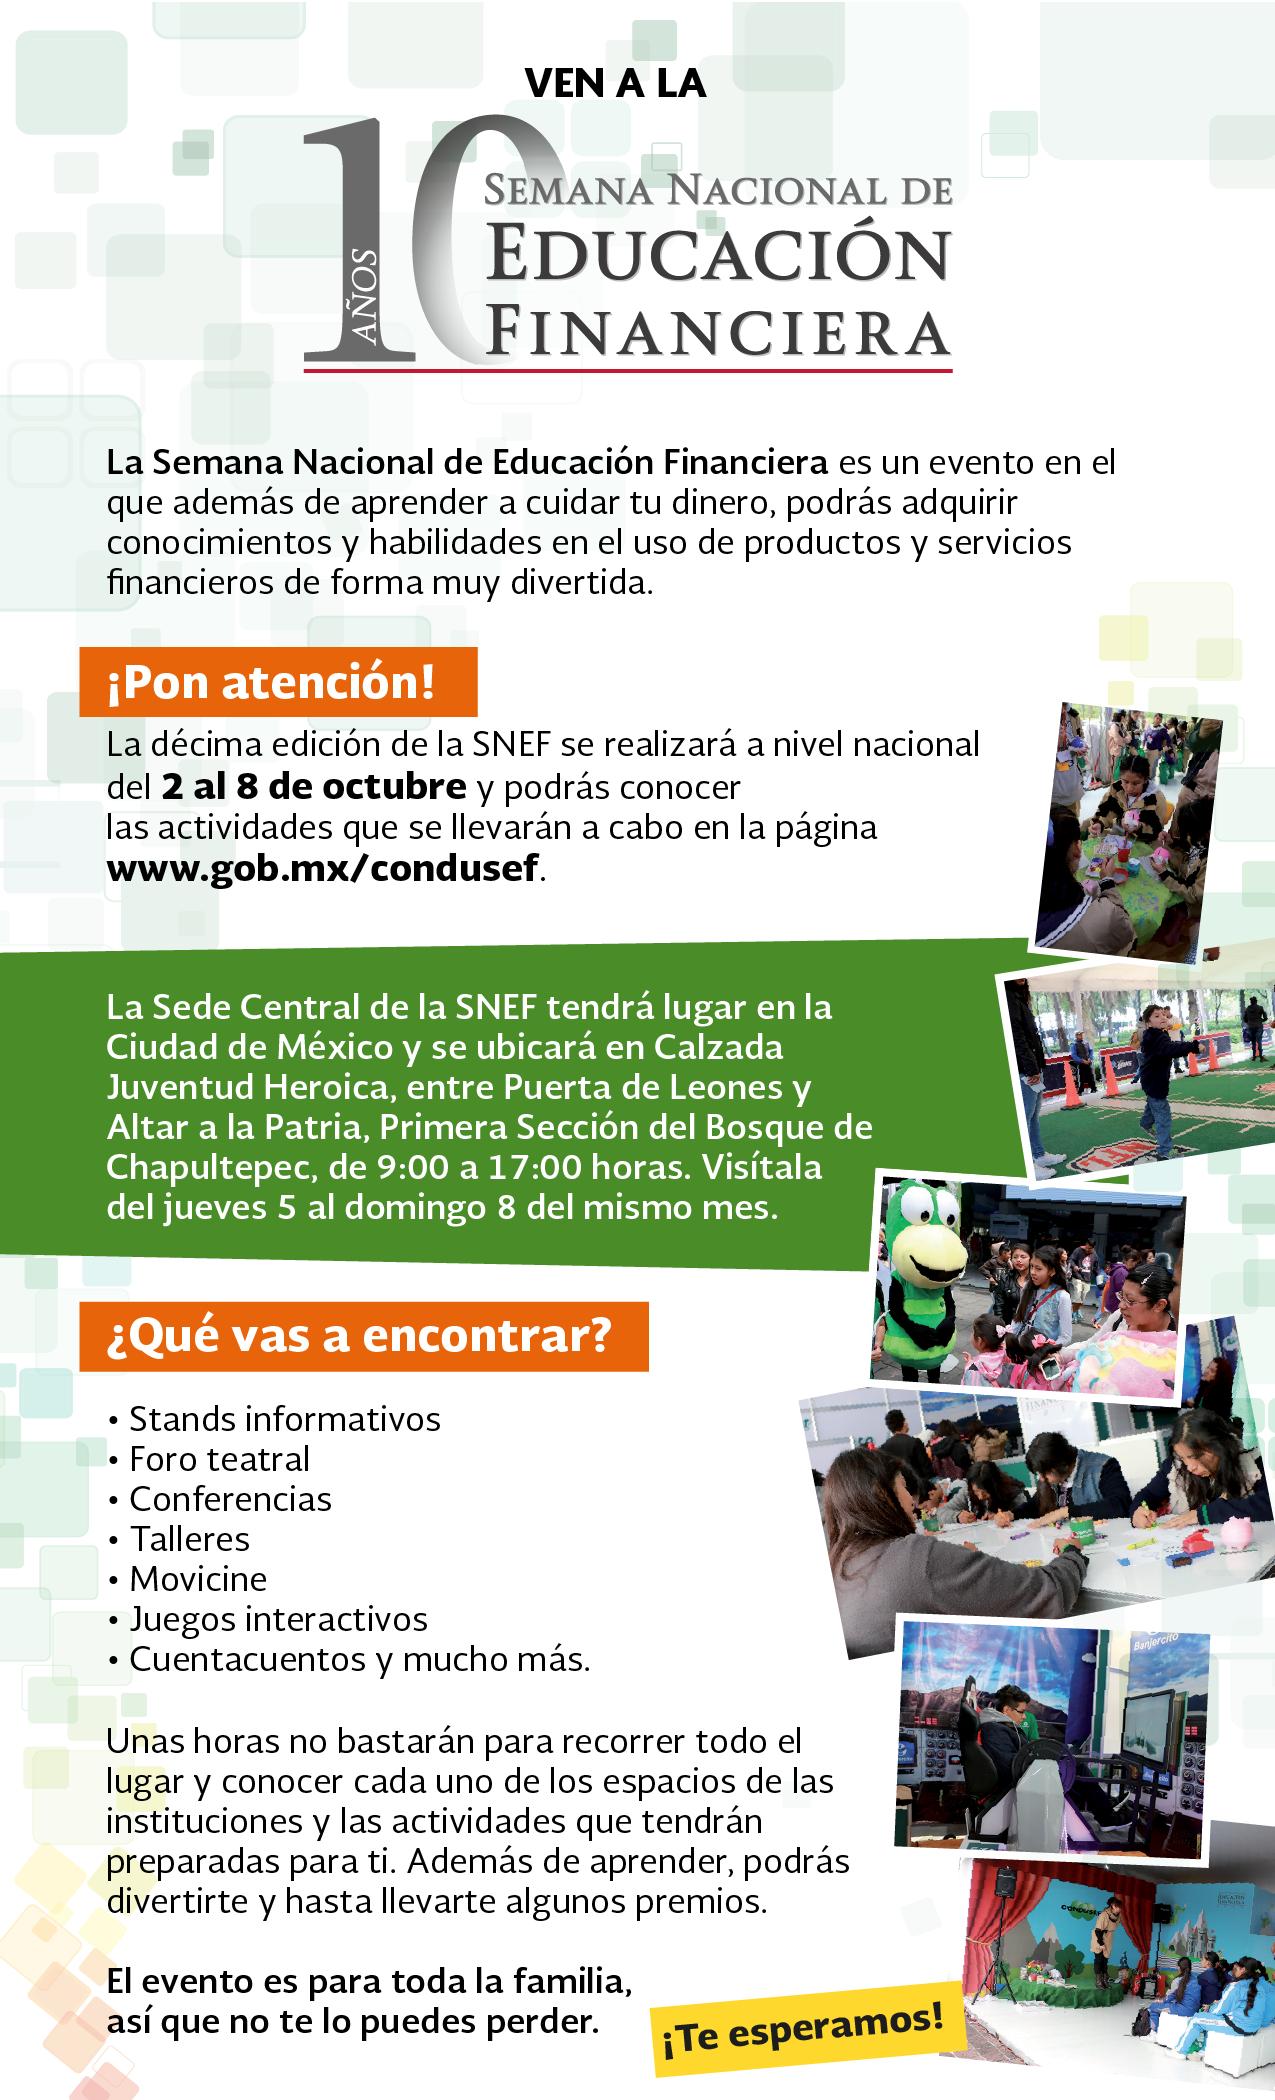 Semana Nacional de Educación Financiera